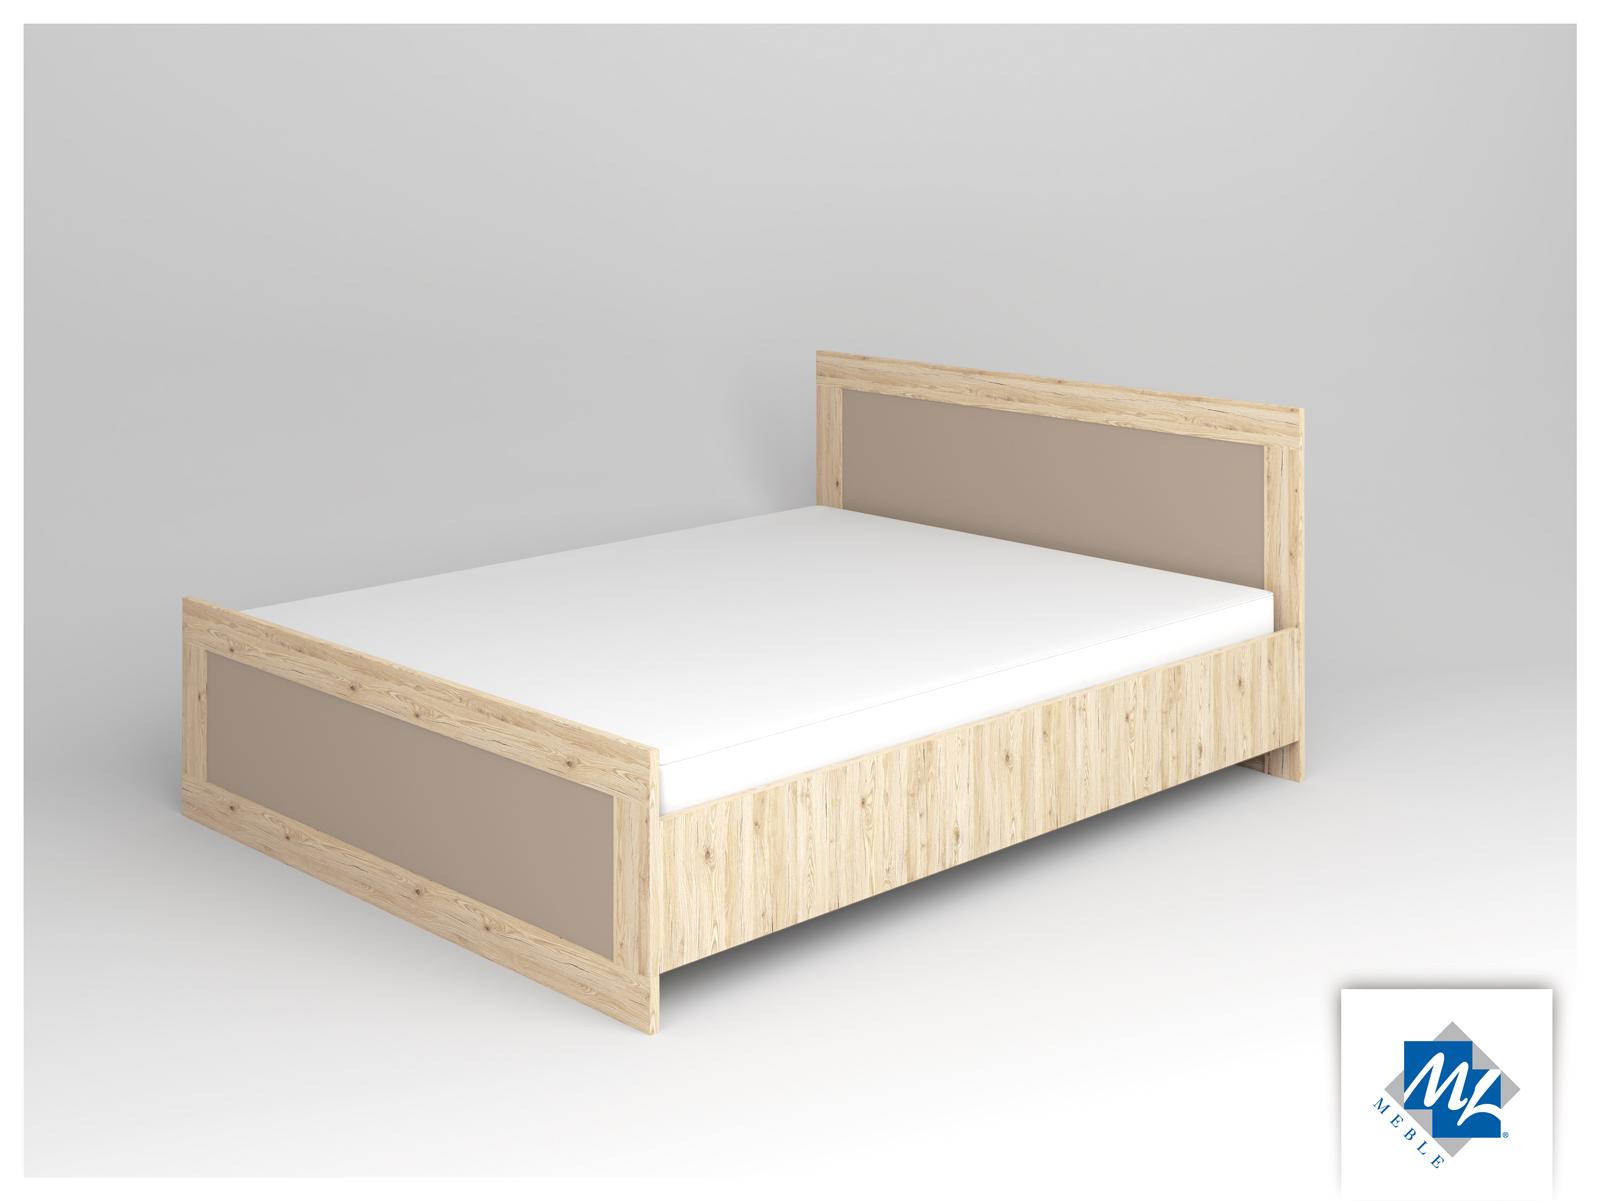 Manželská posteľ 160 cm - ML Nábytok - Modern 16 dub San Remo + grafit